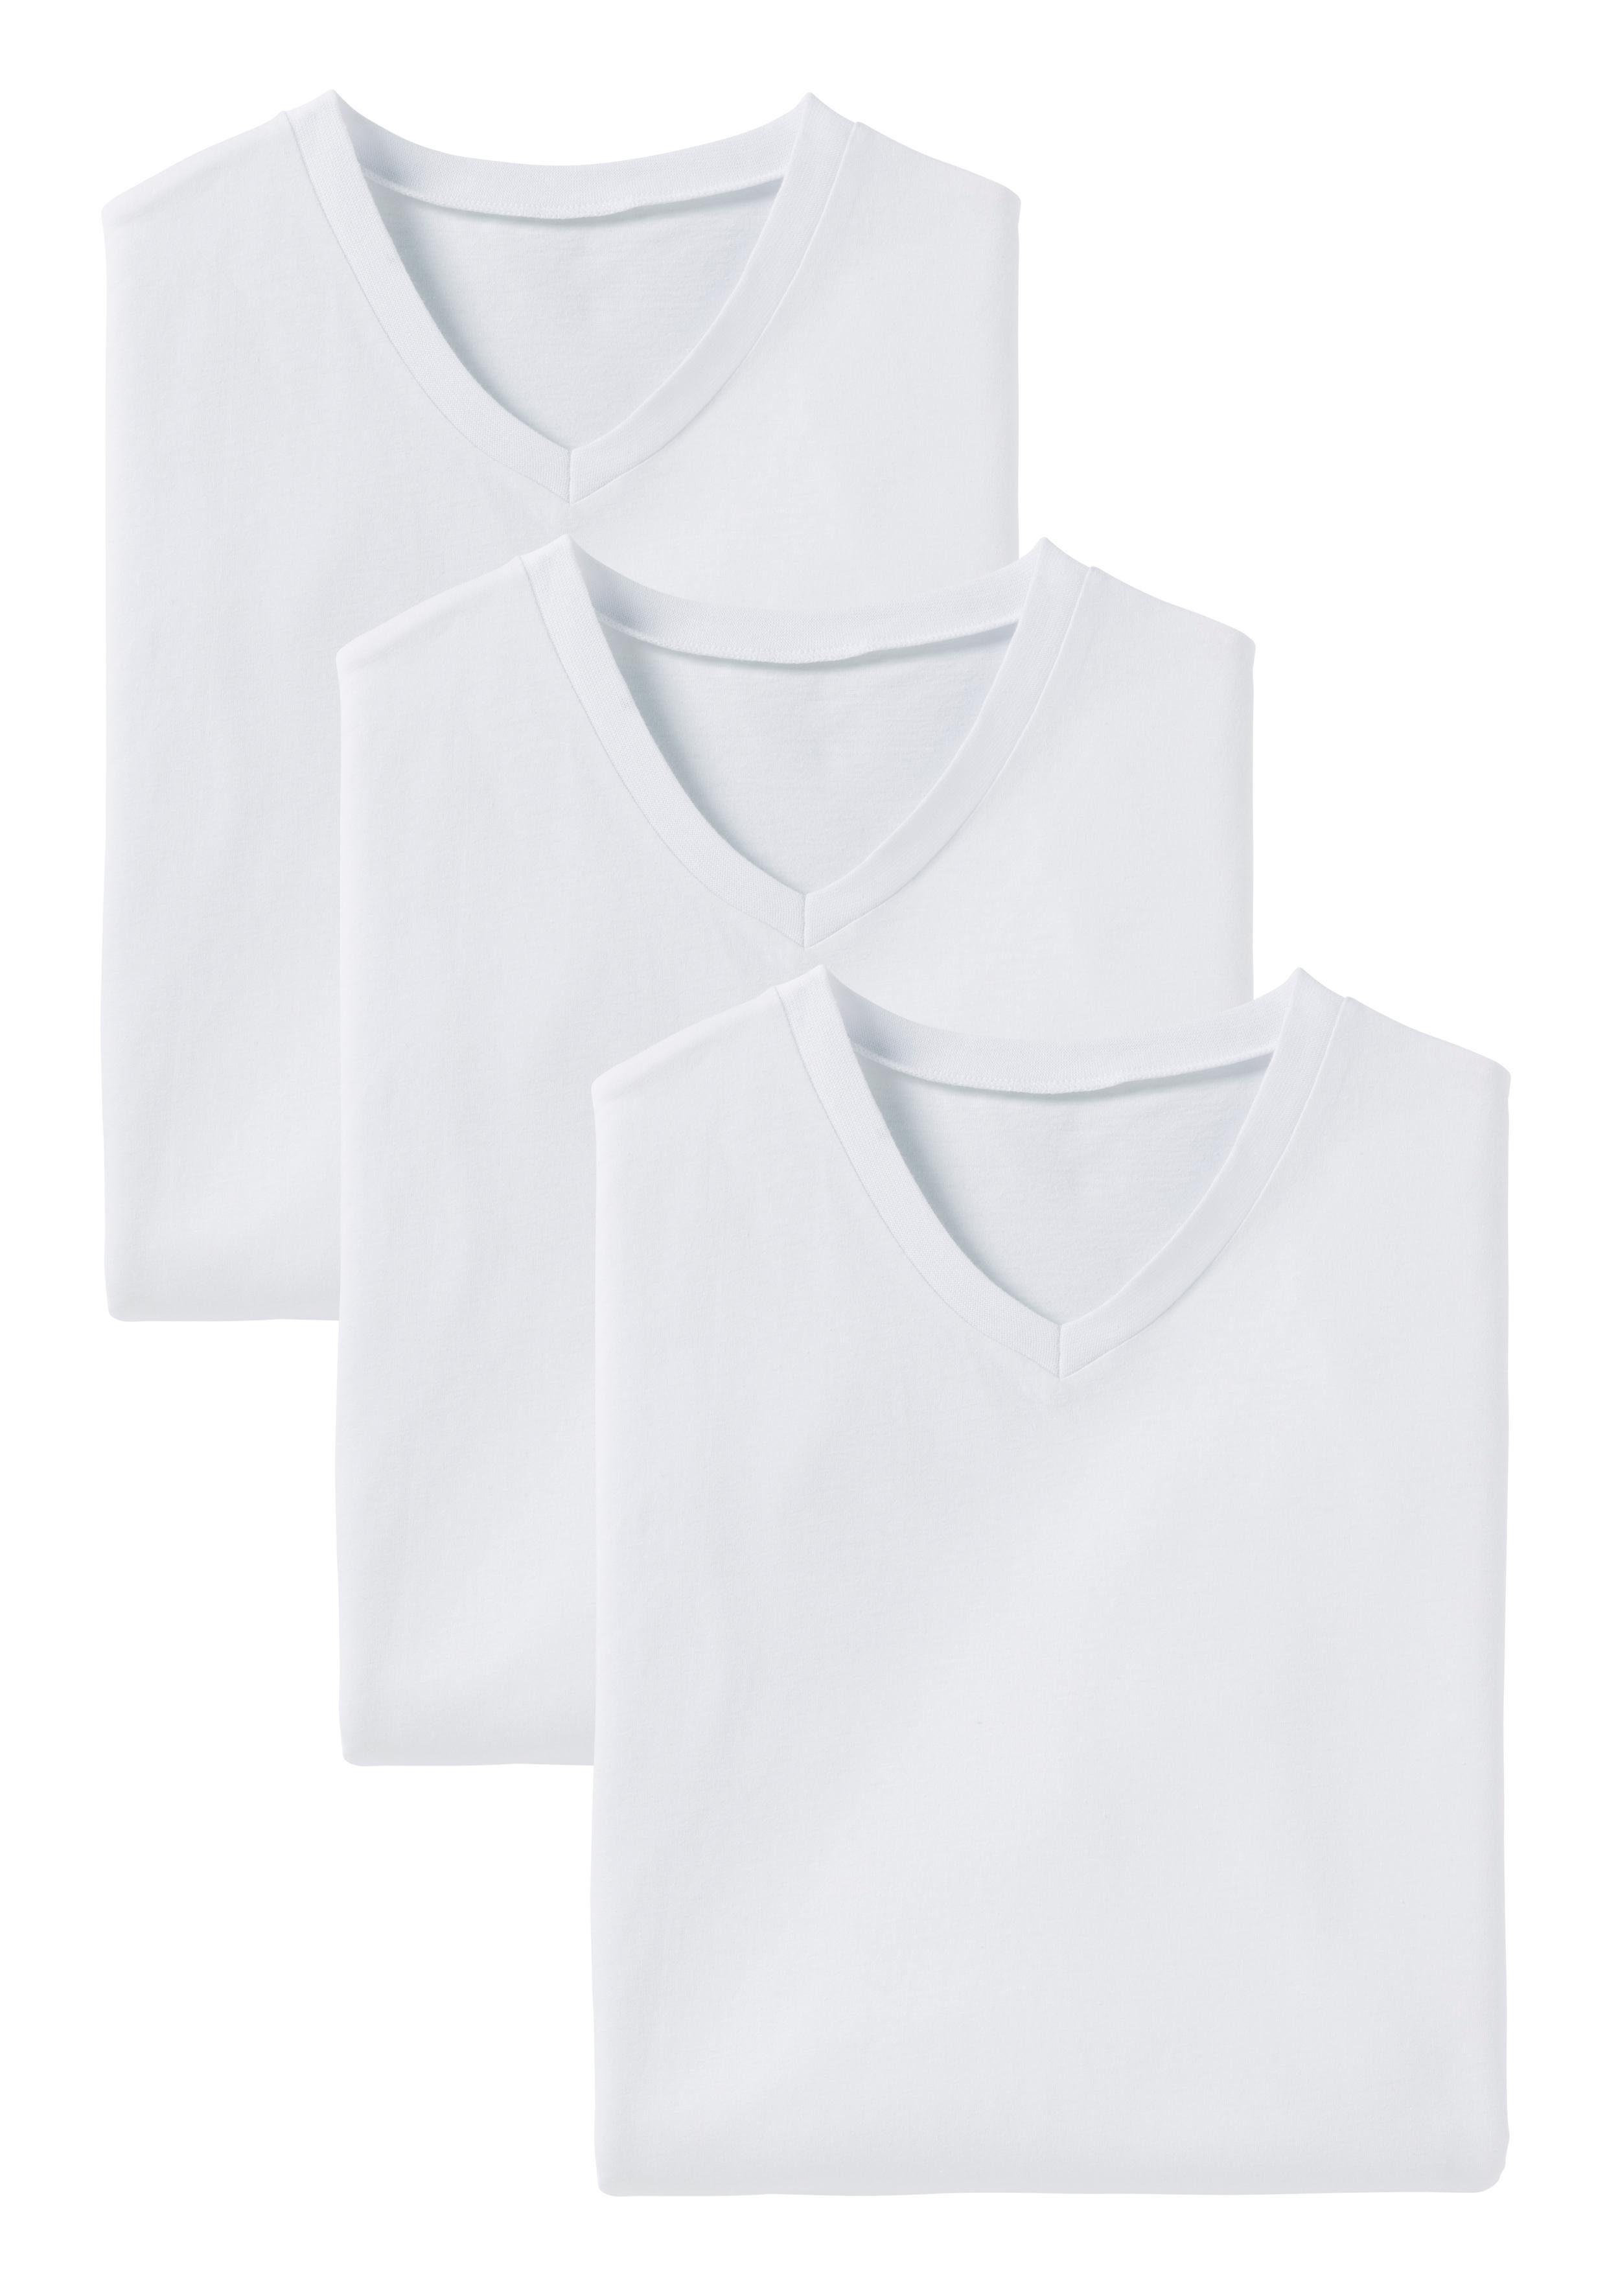 s.Oliver Bodywear V-Shirt (Packung, 3er-Pack) in uni online kaufen qiWRER